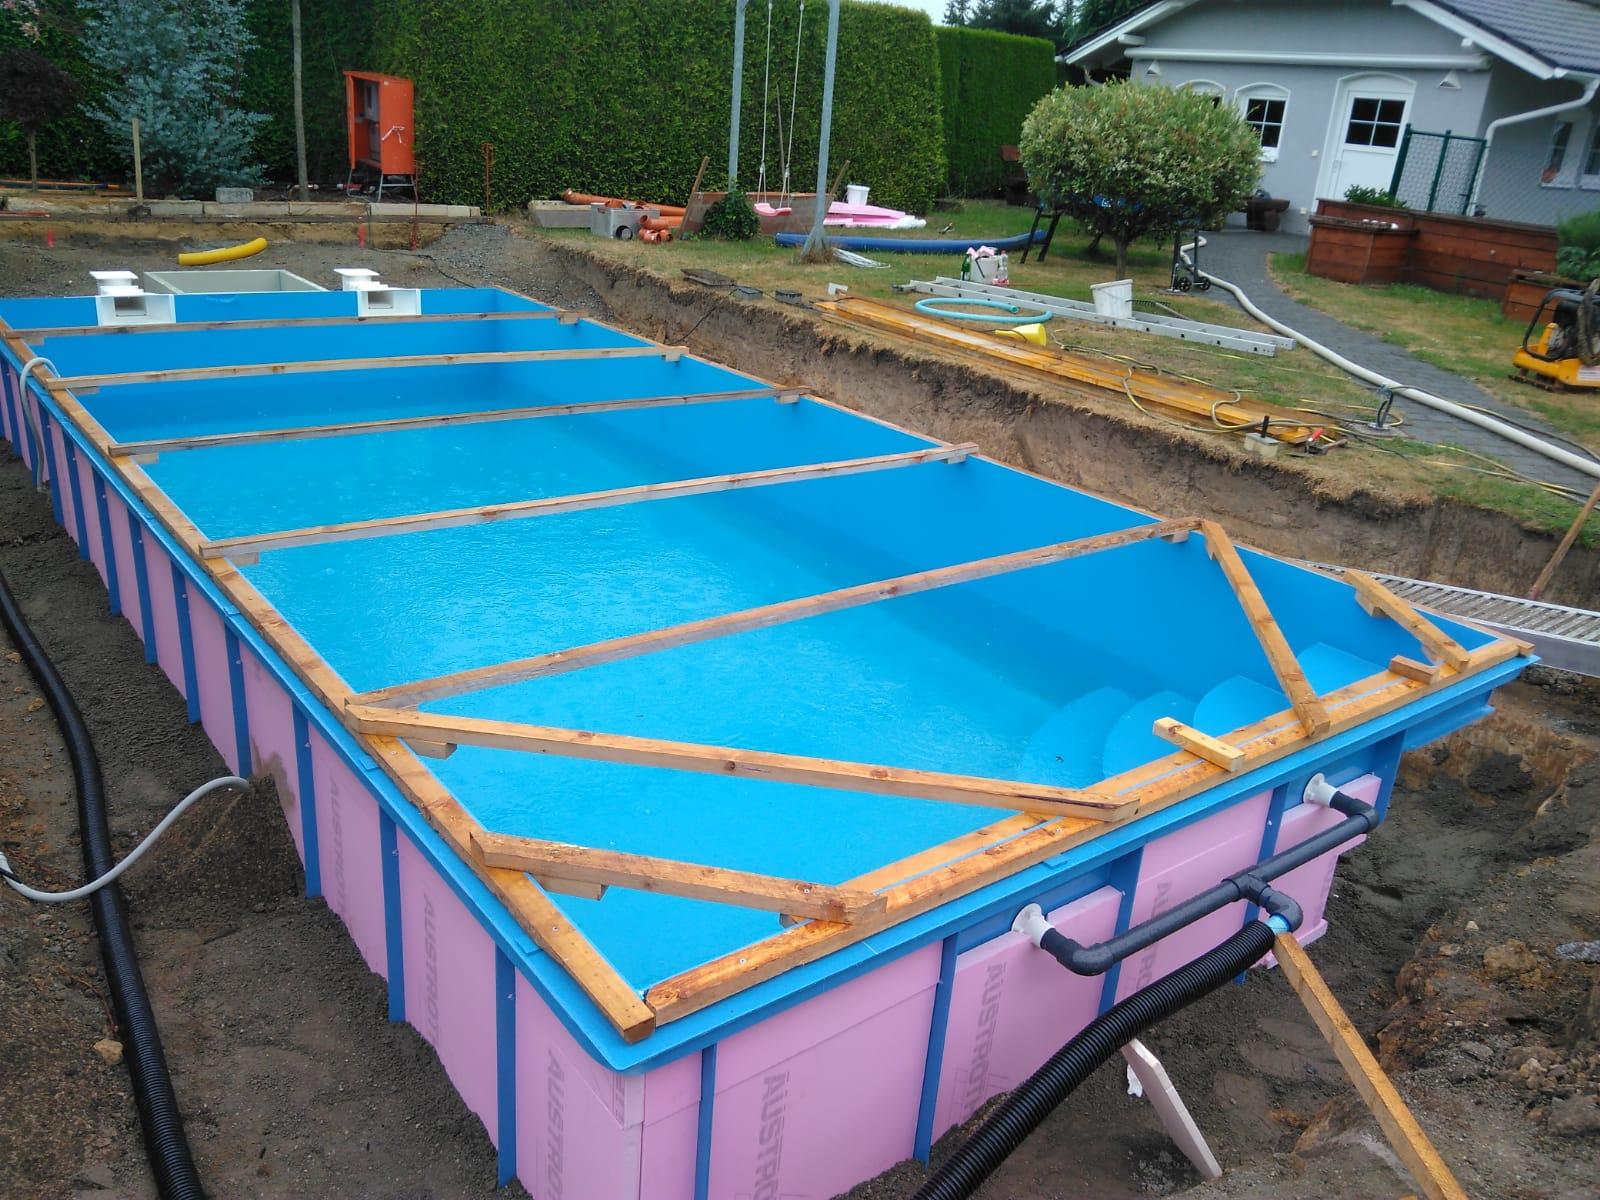 Full Size of Garten Whirlpool Kimsgmbh Pool Bau Technik Sachsen Brandenburg Kinderhaus Lounge Sofa Loungemöbel Klettergerüst Spaten Sauna Im Bauen Holzbank Ecksofa Liege Garten Garten Whirlpool